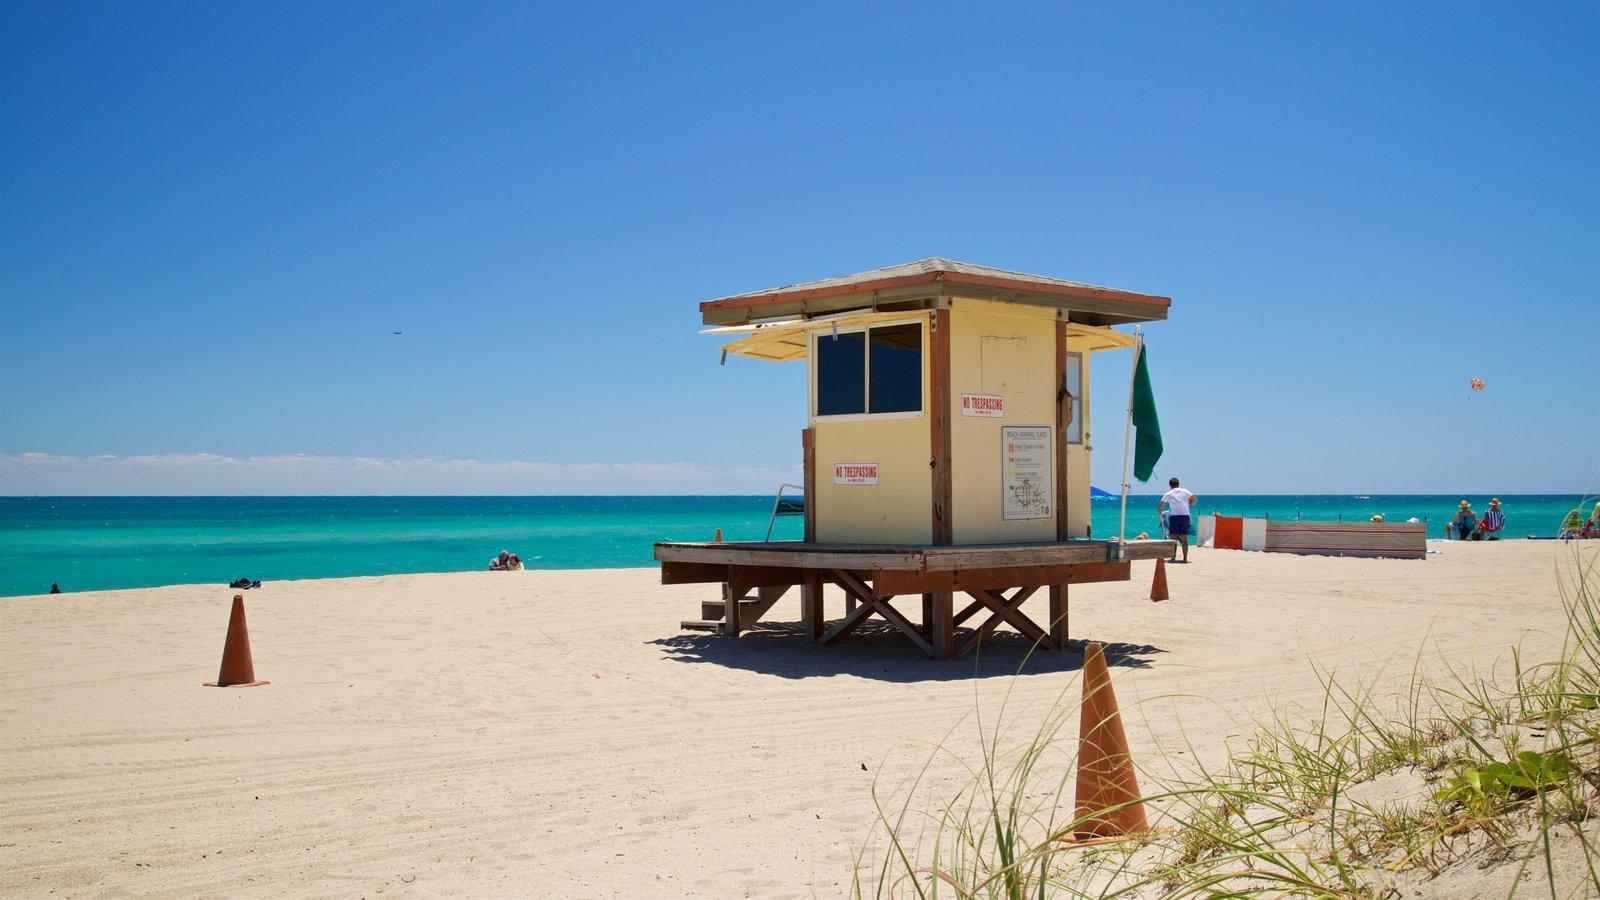 Hollywood North Beach Park que inclui paisagens litorâneas e uma praia de areia